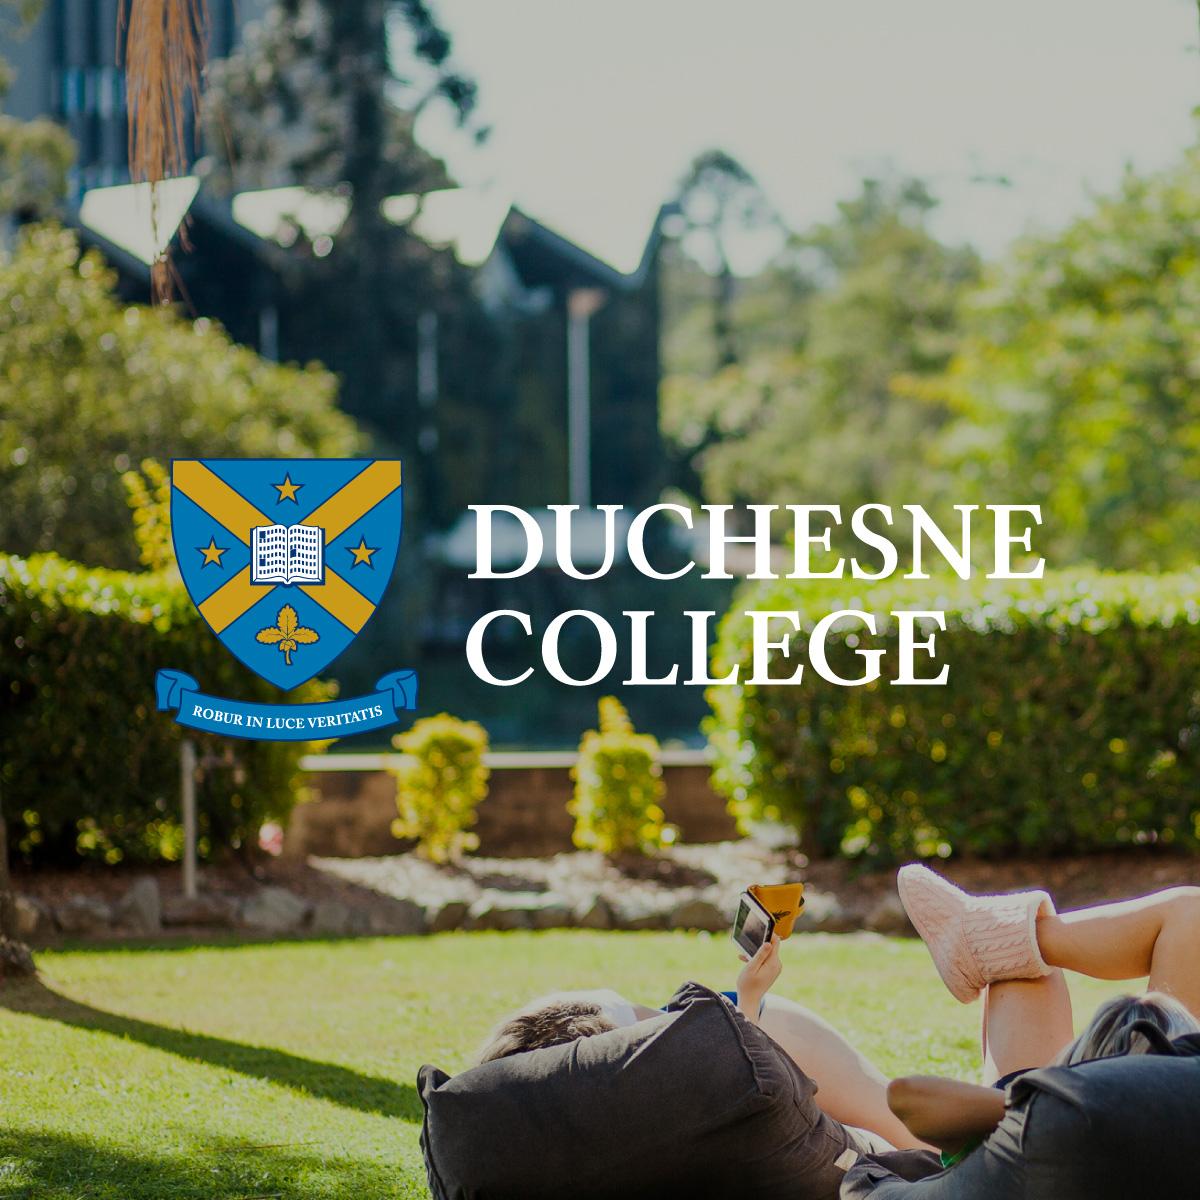 Duchesne College